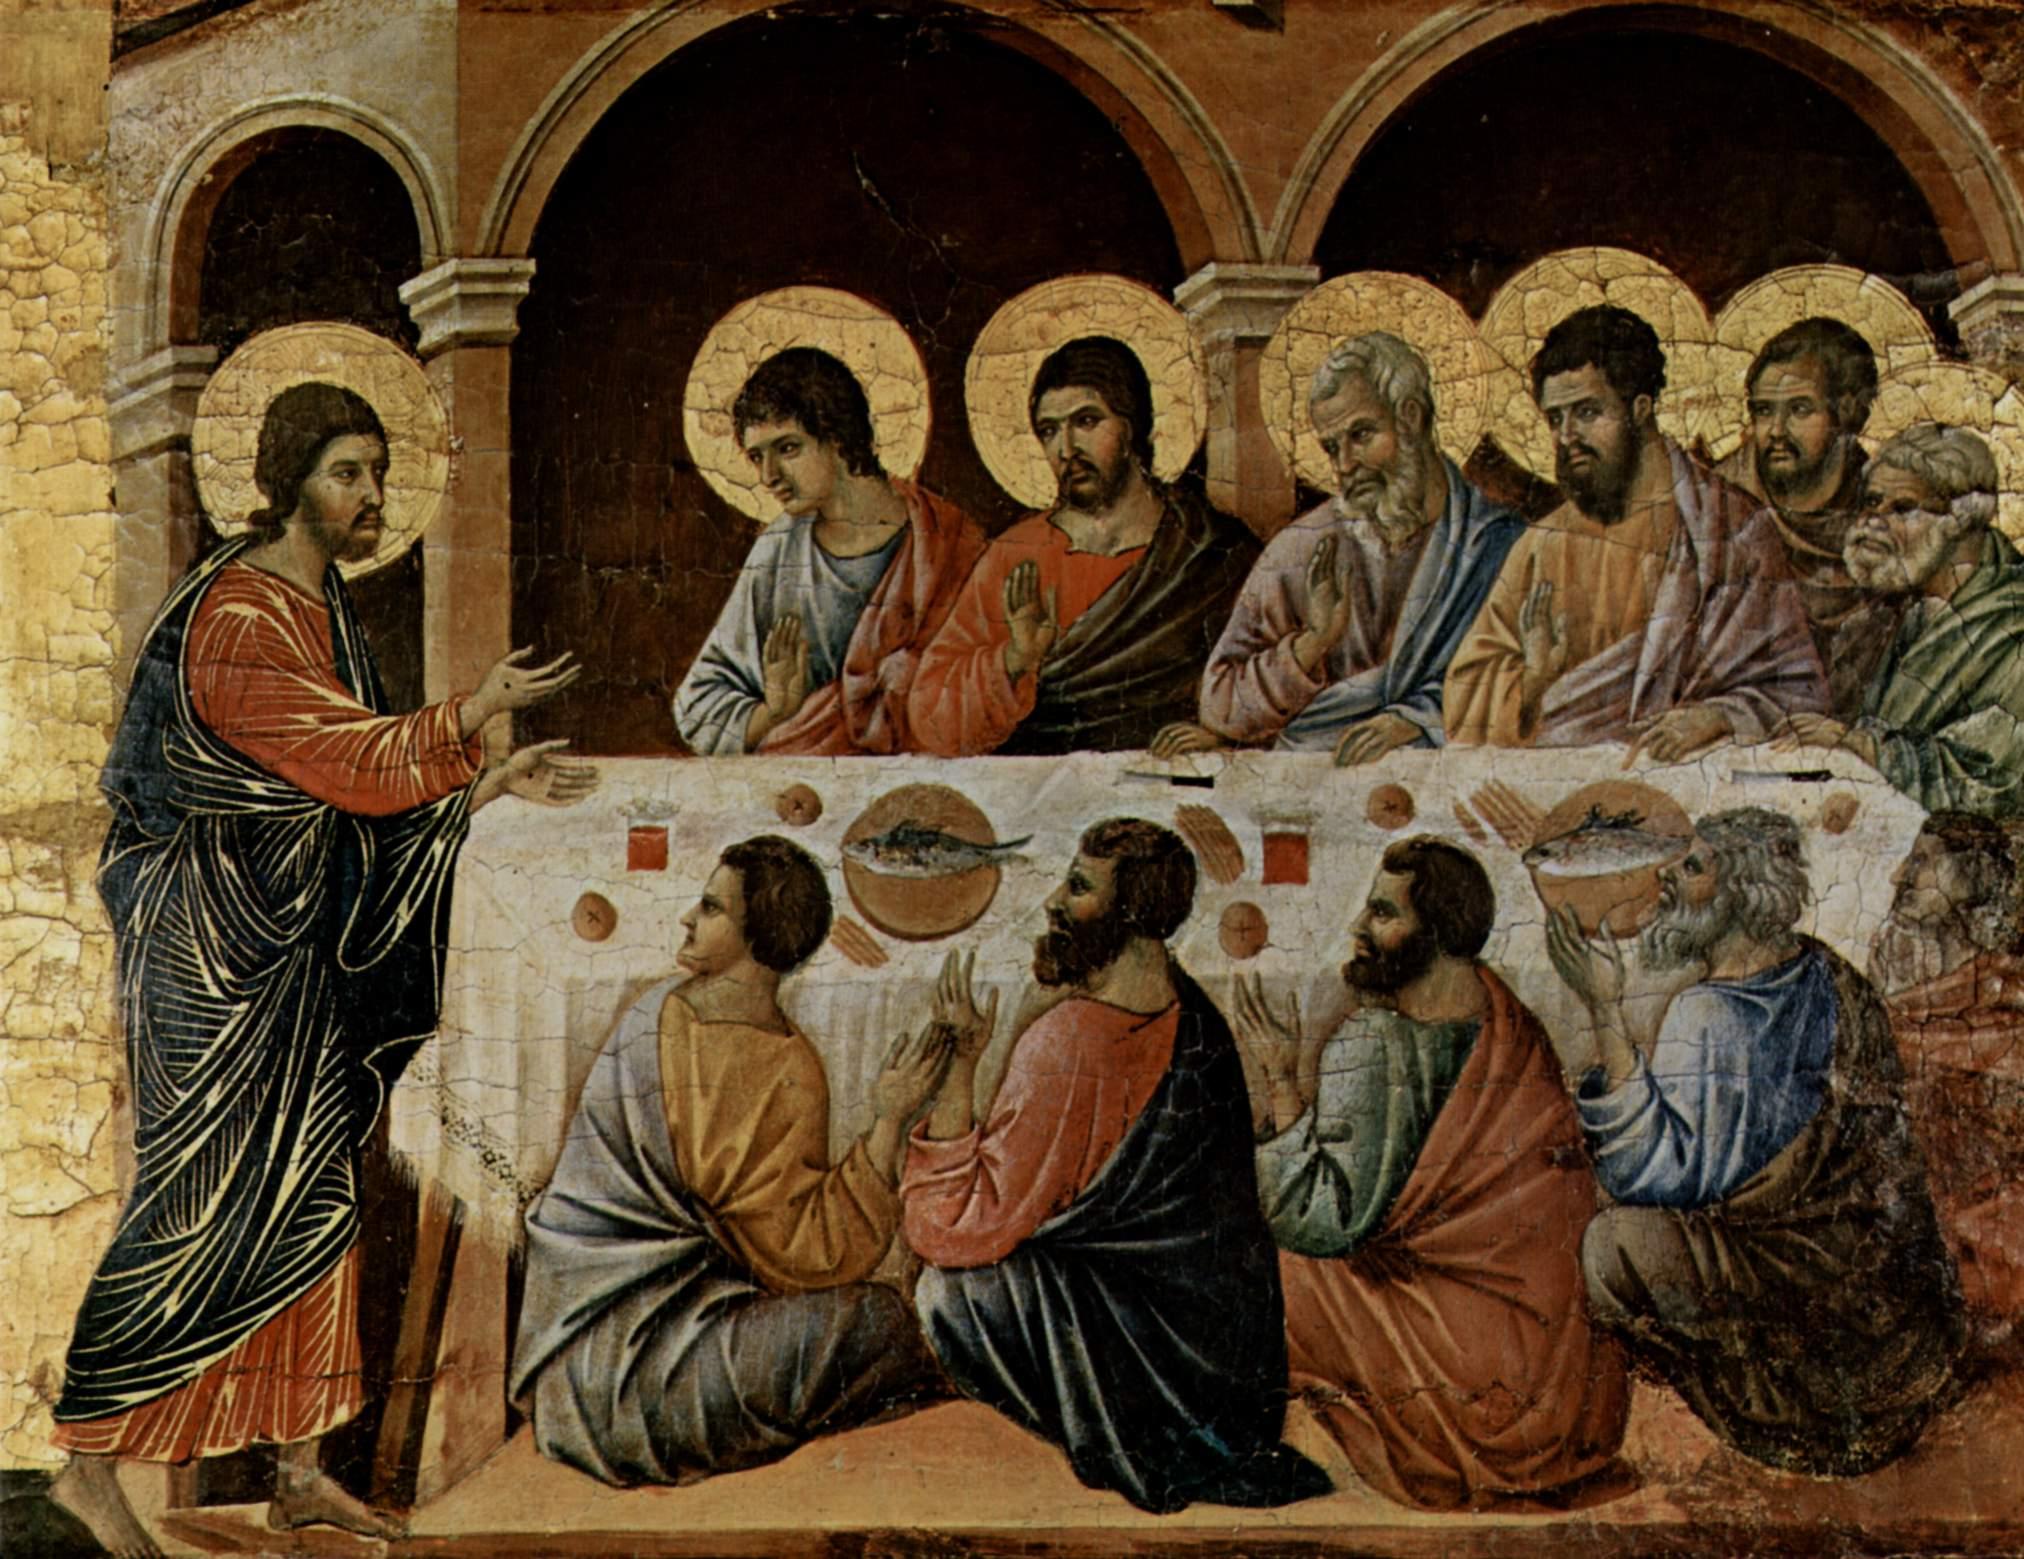 Маэста, алтарь сиенского кафедрального собора, оборотная сторона, Явление Христа, ужинающим апостола, Дуччо ди Буонинсенья